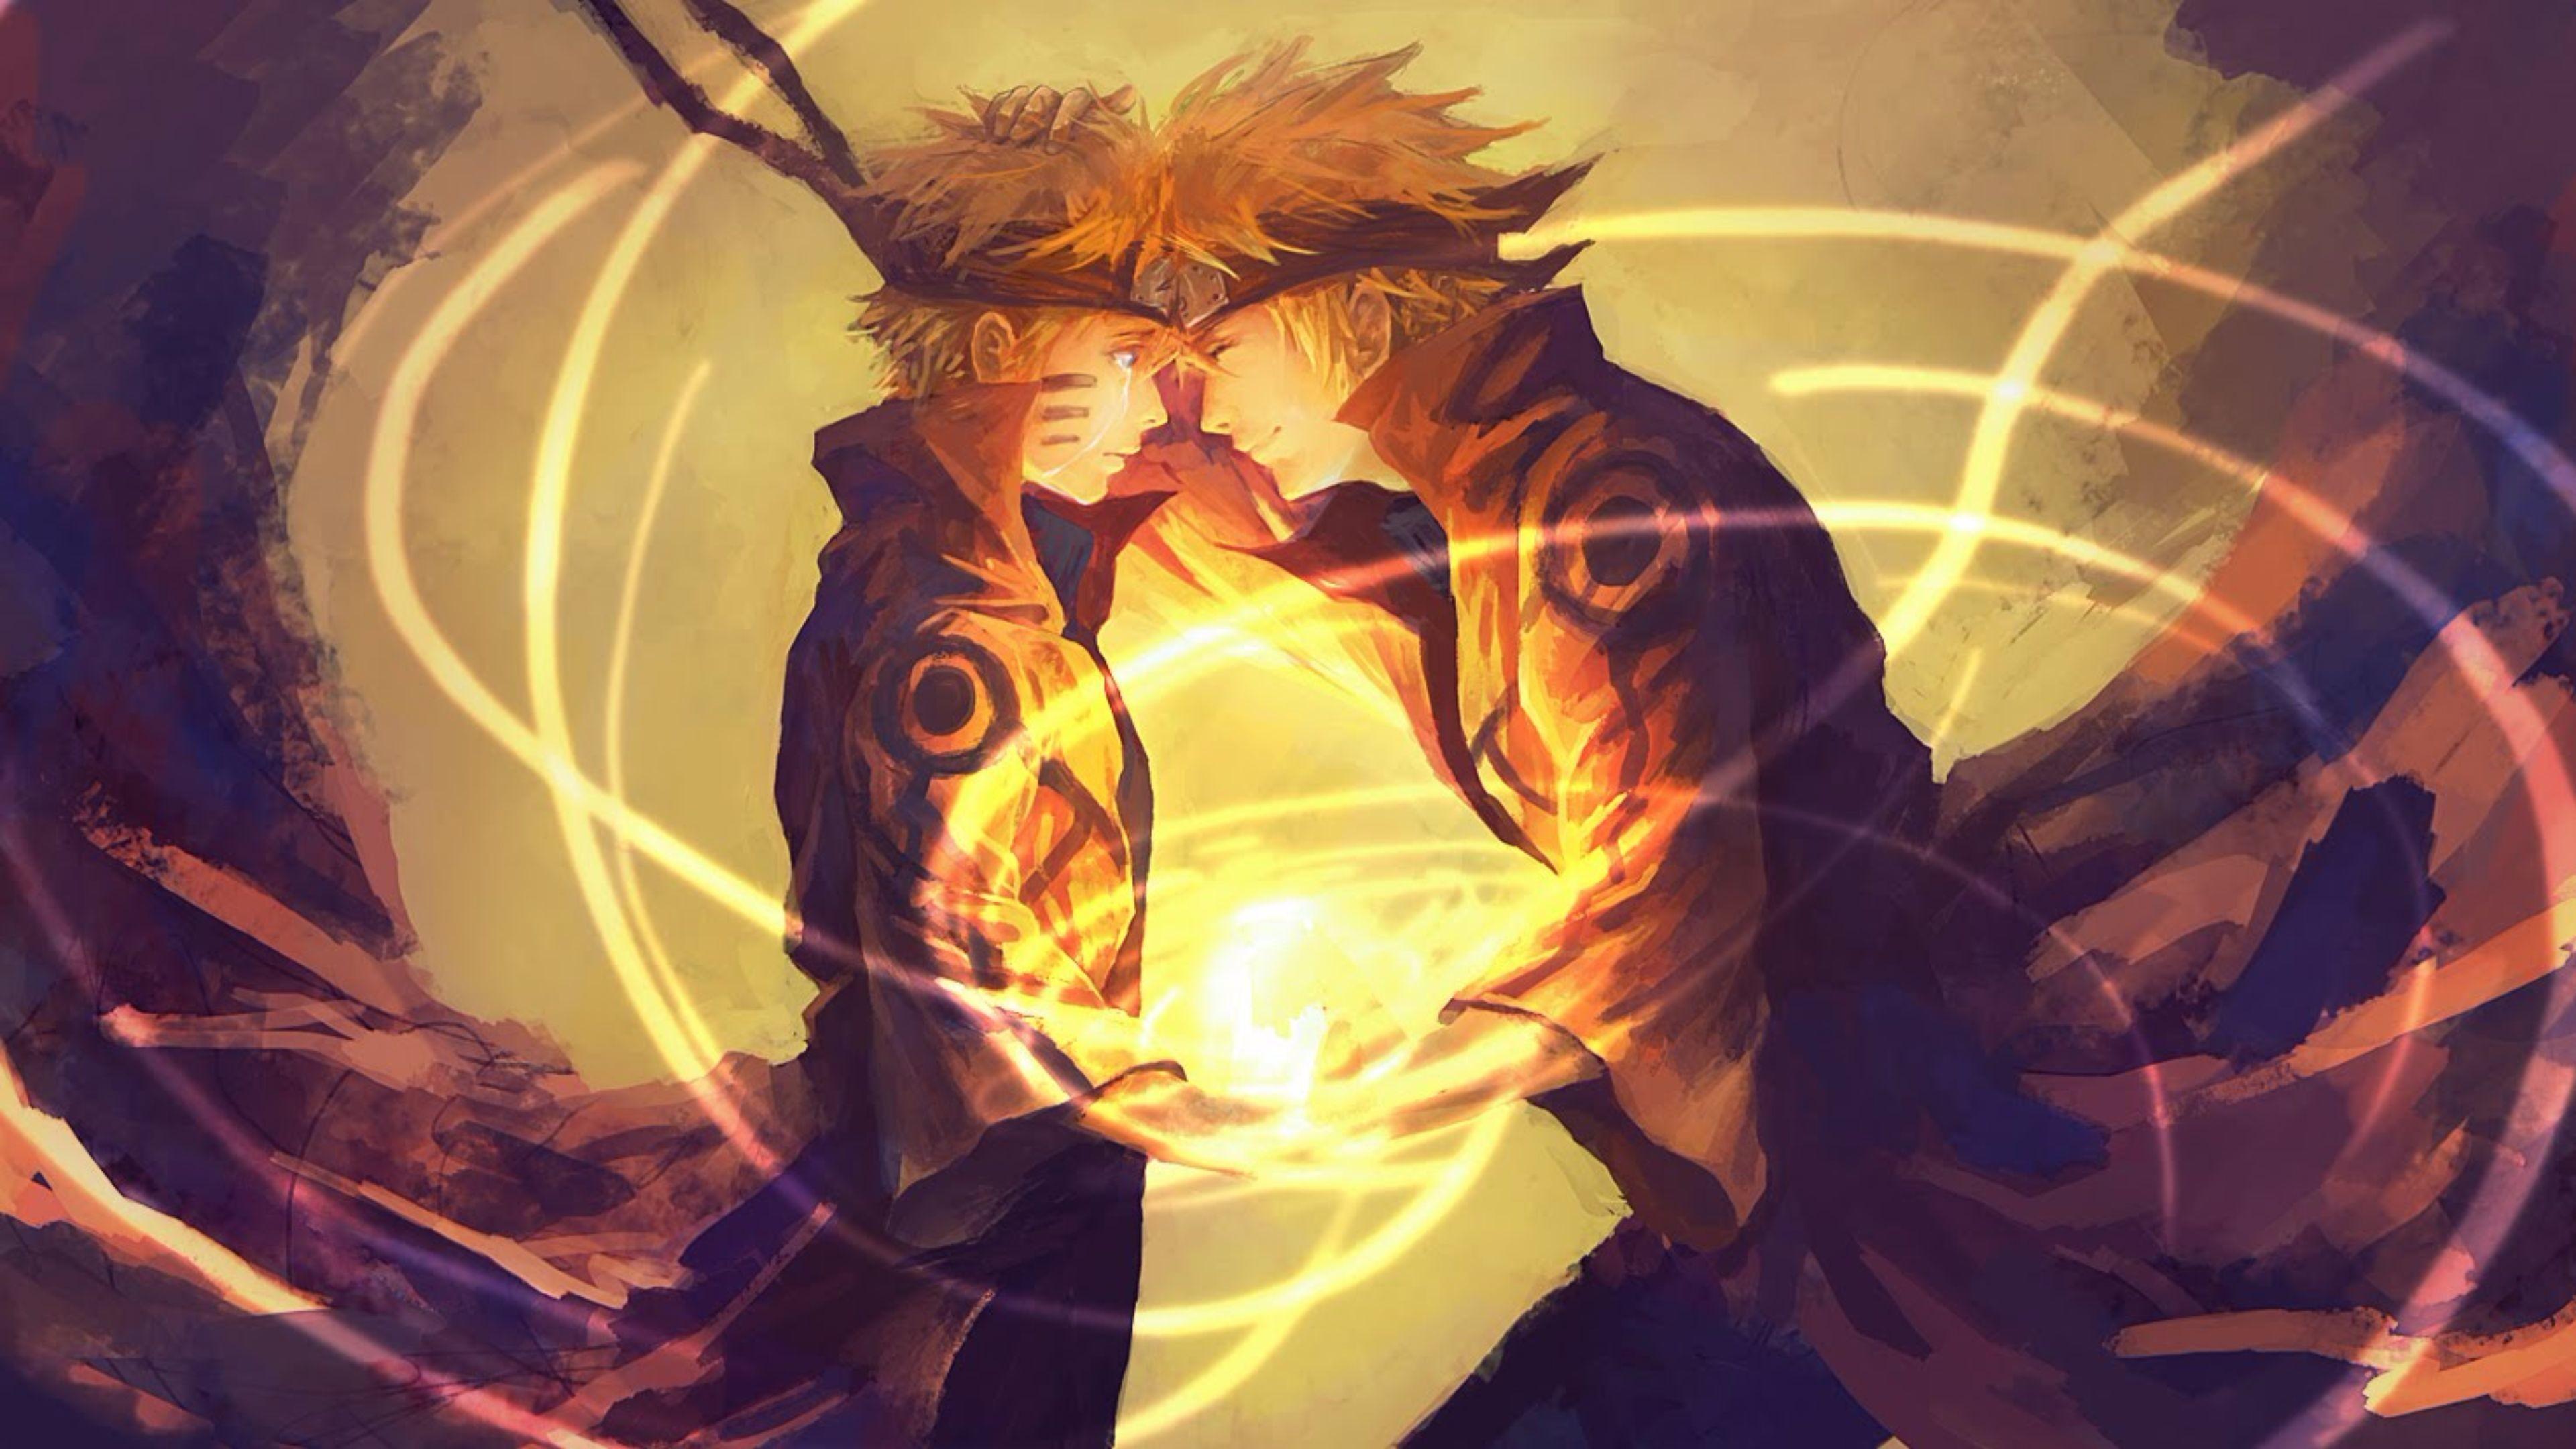 Naruto Wallpaper 4K (62+ immagini)